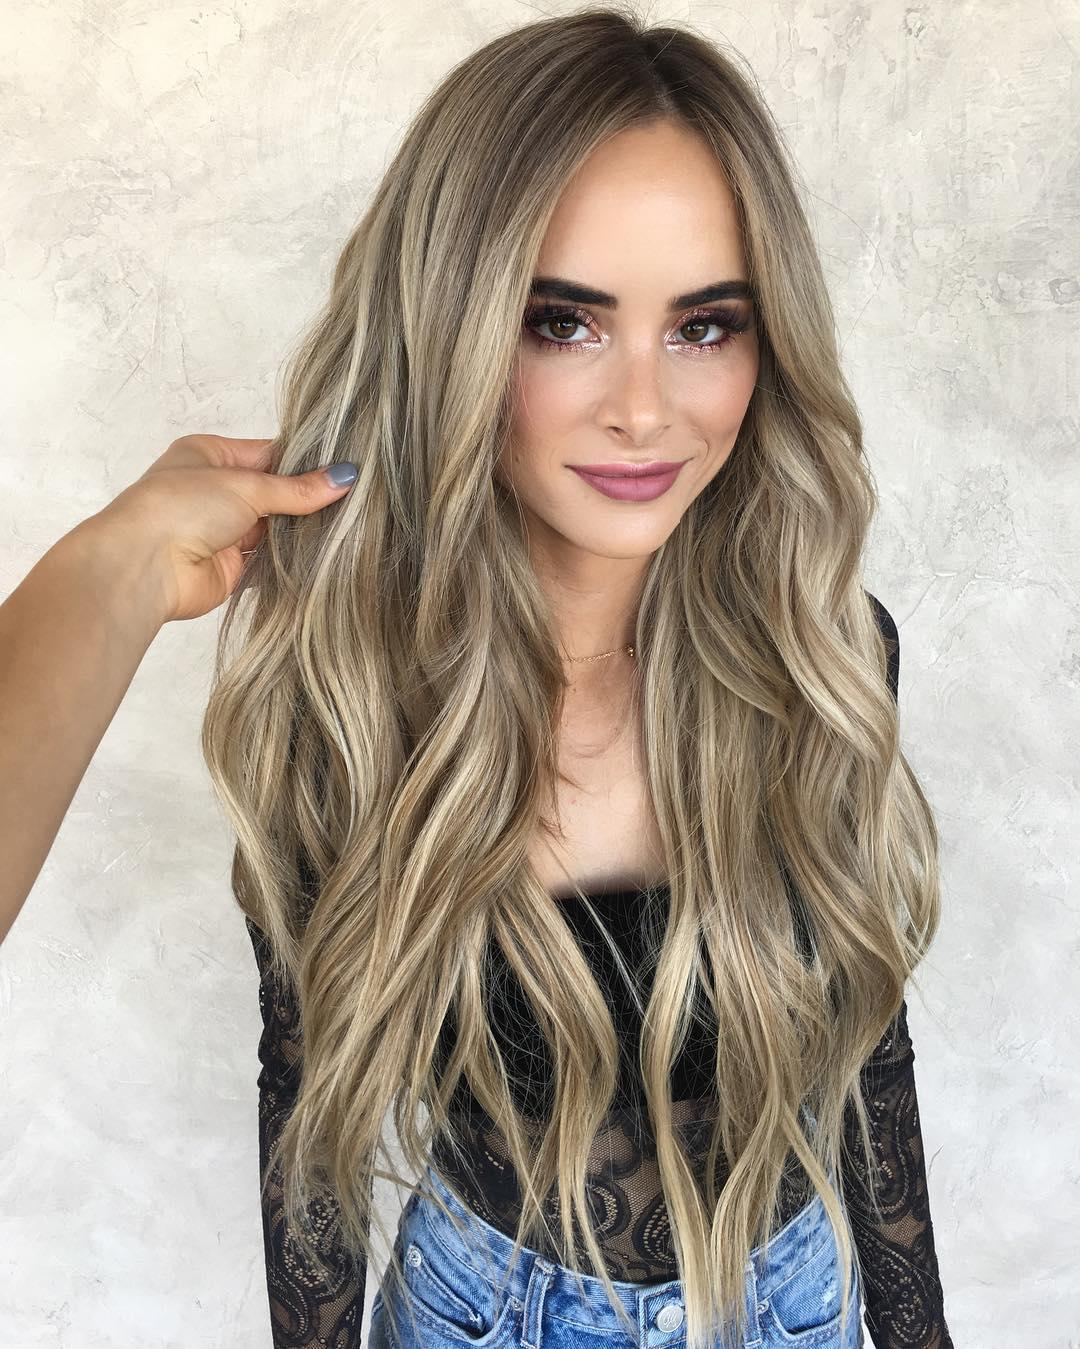 A blonde in the dark